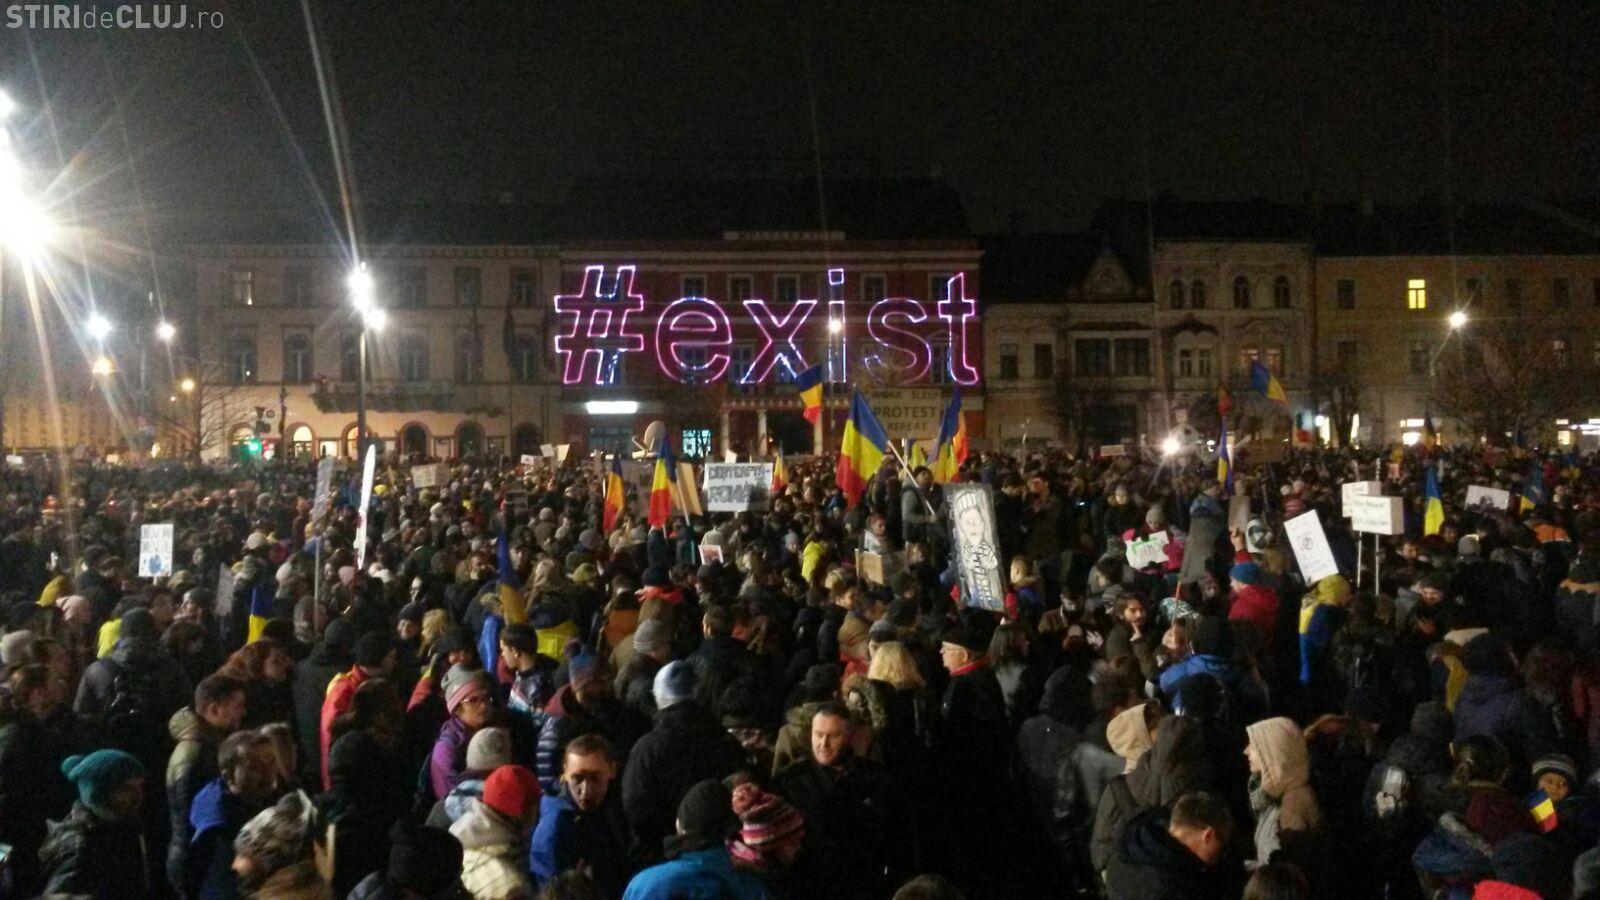 UPDATE RECORD în ziua șase de proteste la Cluj! 50.000 de persoane au umplut centrul orașului FOTO/VIDEO